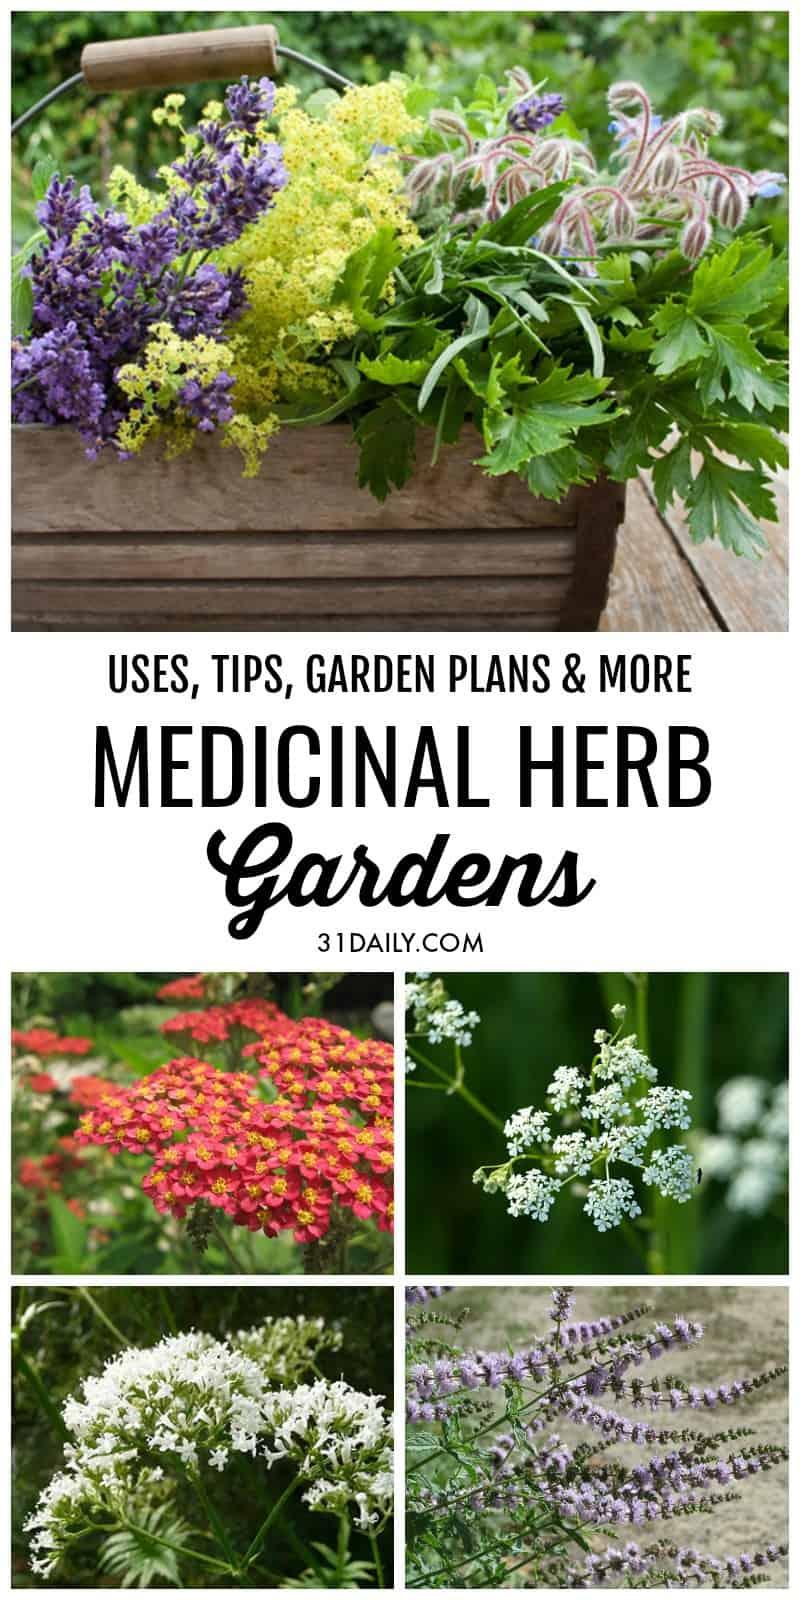 Medicinal Herb Gardens | 31Daily.com